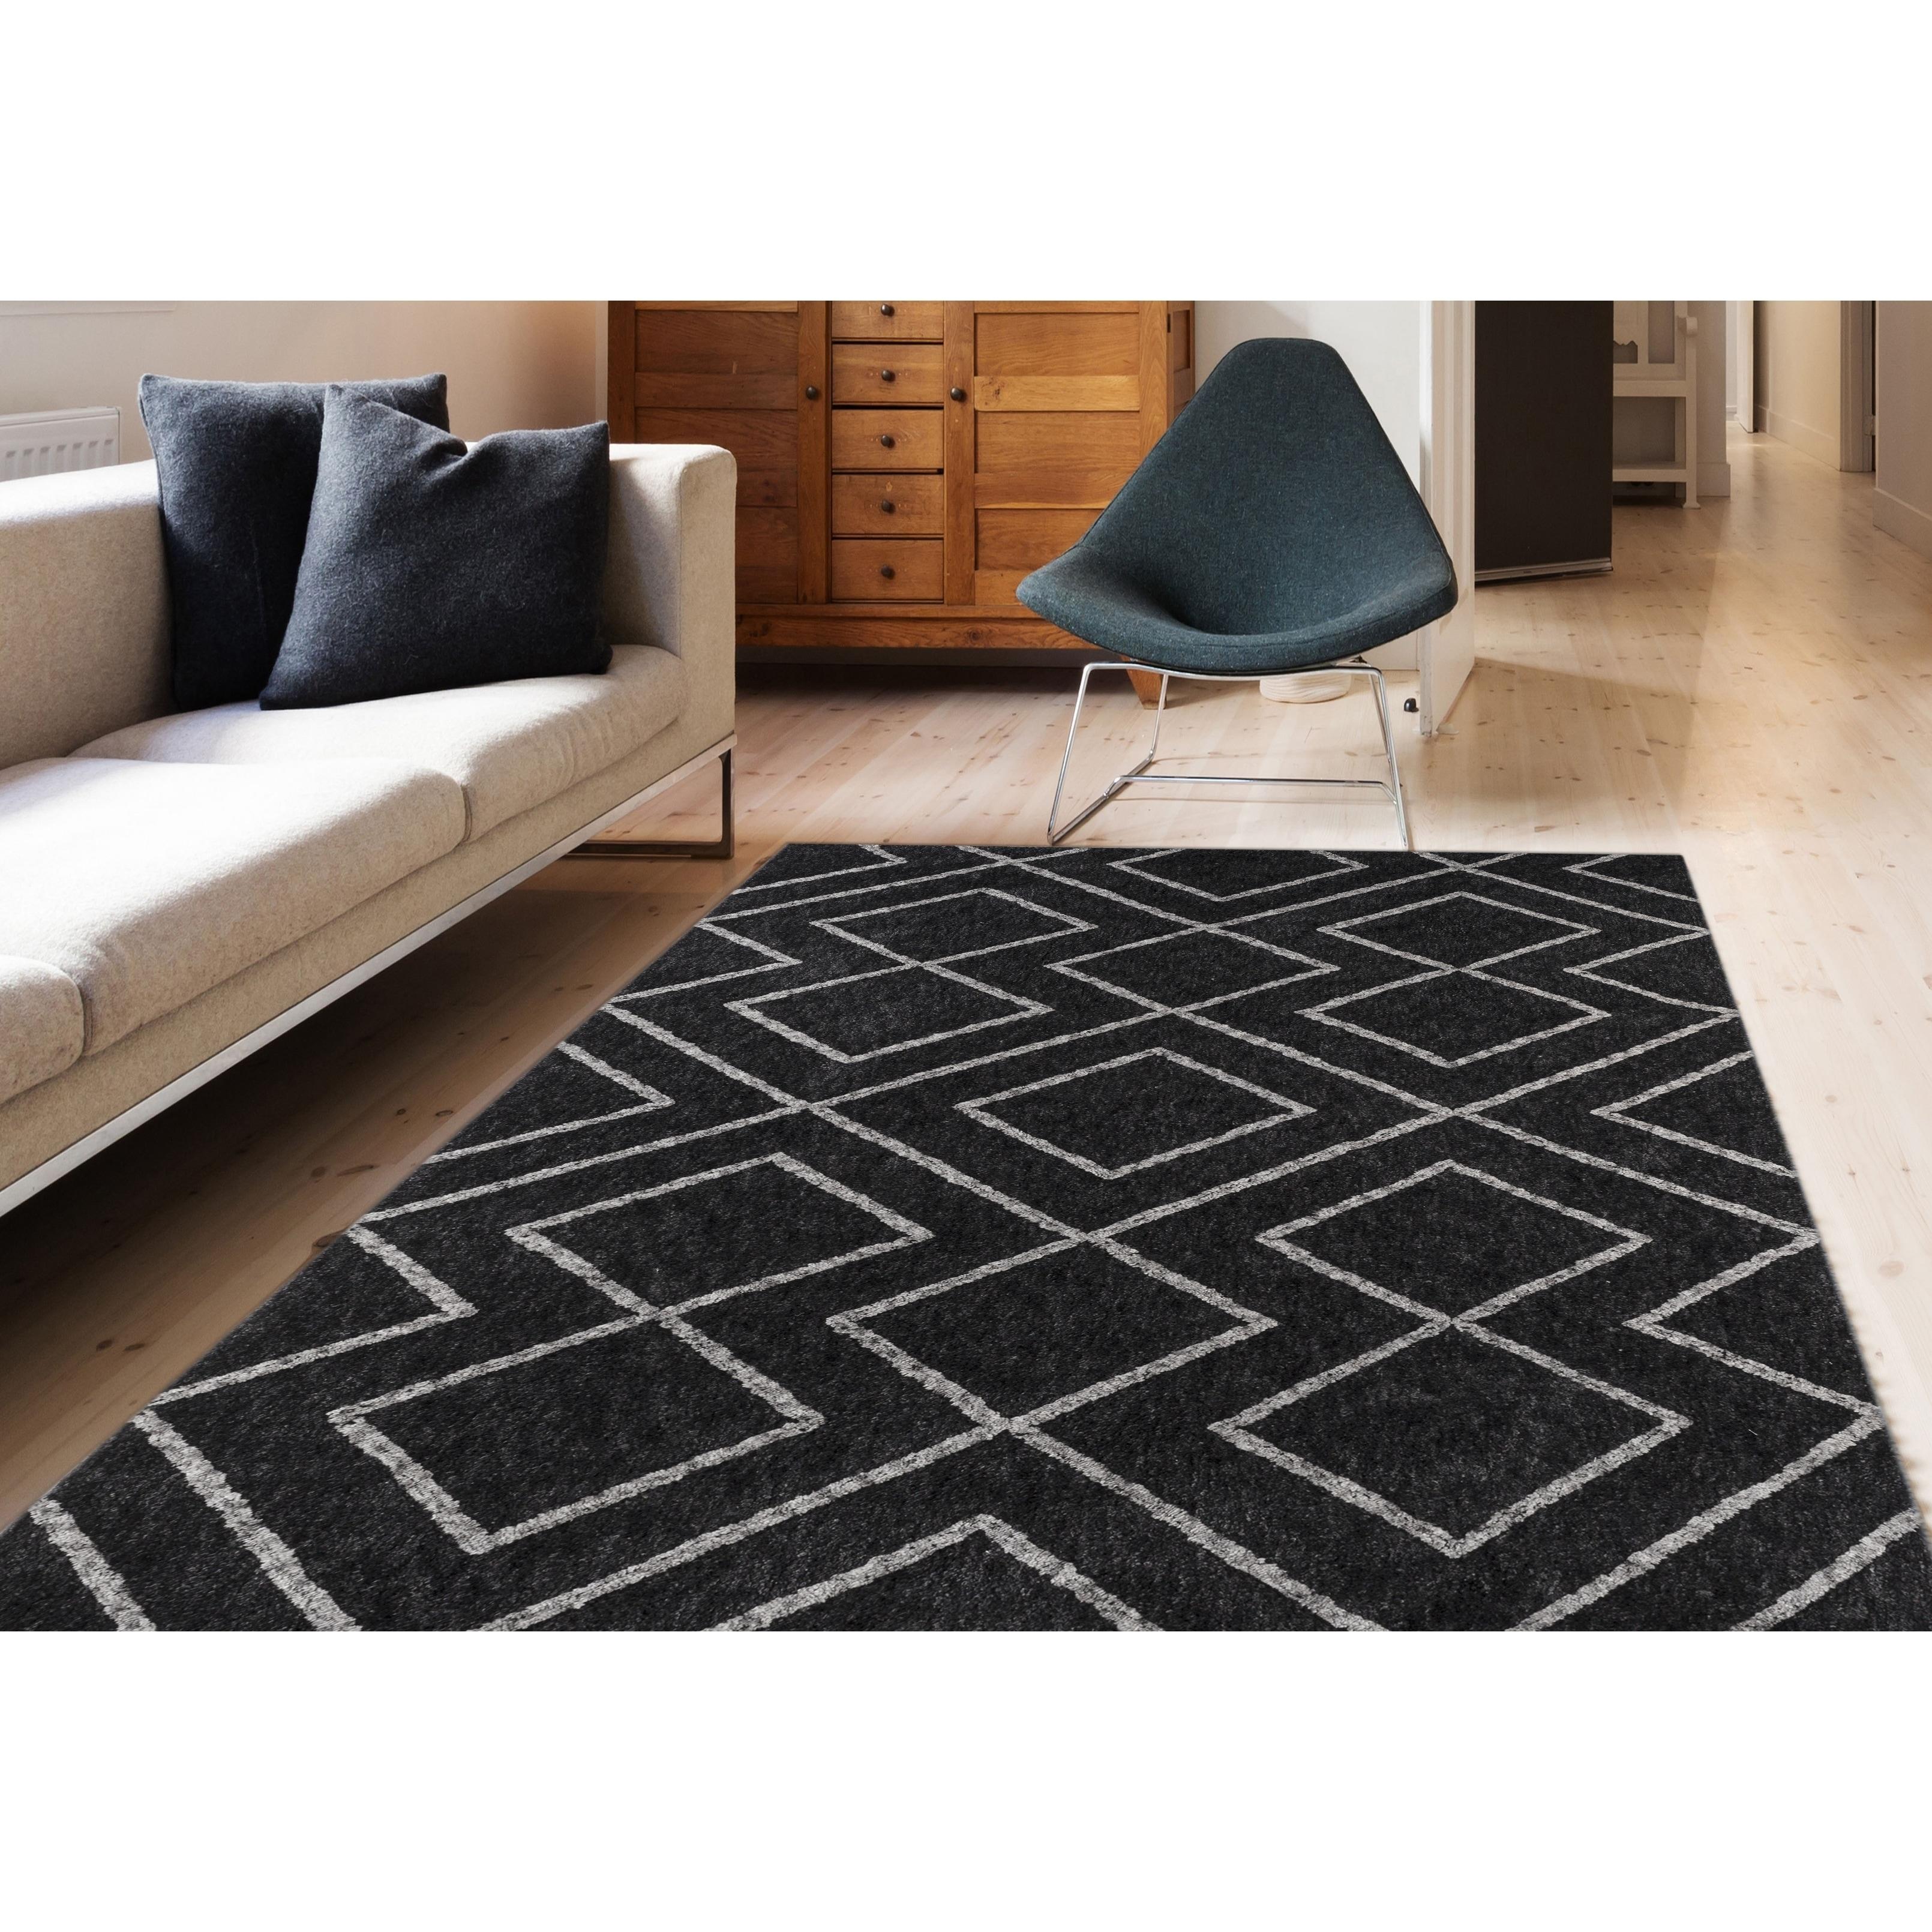 Shop Soft Geometric Black Low Pile Shag Rug 3 X 5 Free